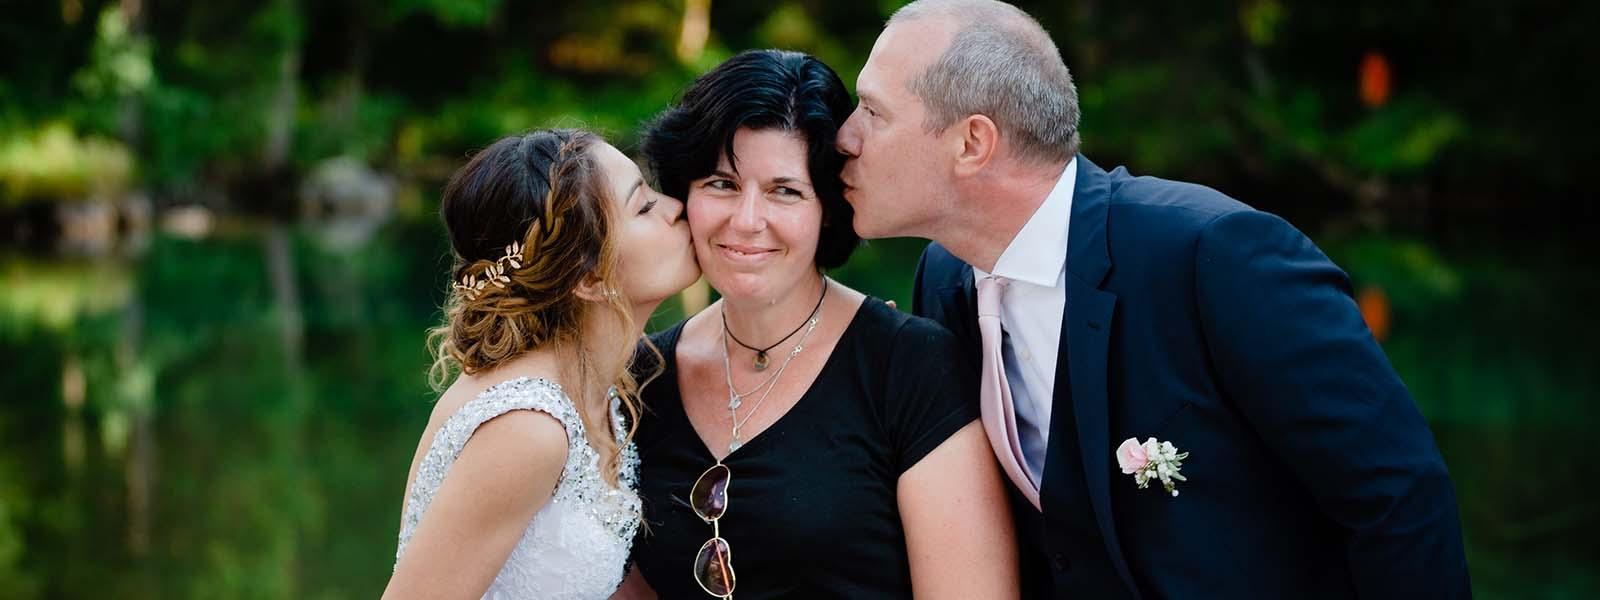 Kiss the wedding planner - Küsschen für die Hochzeitsplanerin Uschi Glas, Inhaberin der Hochzeitsplaneragentur 4 weddings & events Garmisch